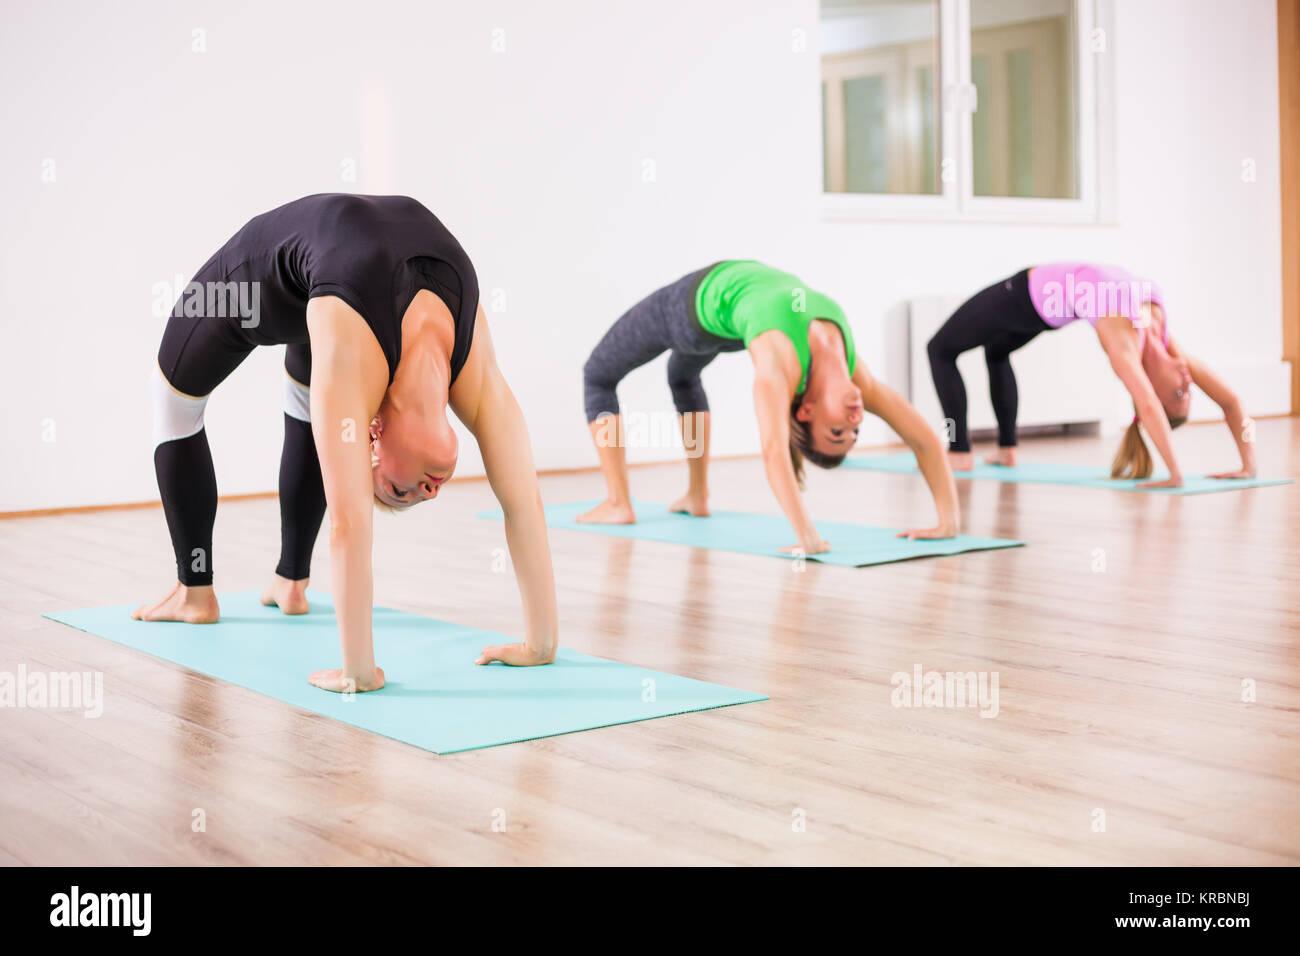 Three girls practicing yoga, Setuasana / Bridge pose - Stock Image